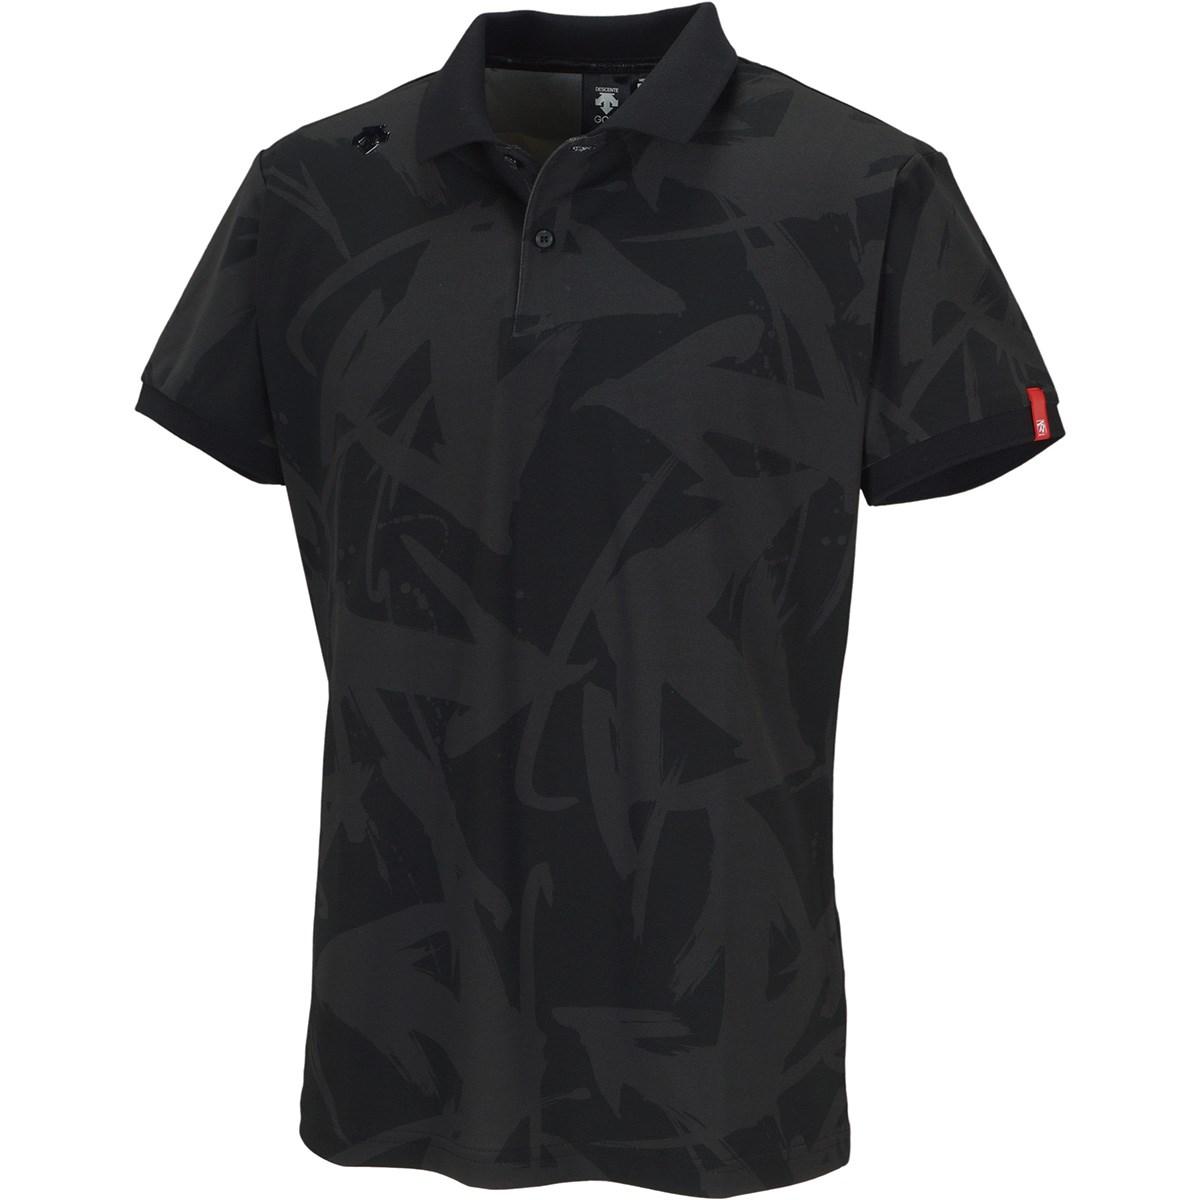 デサントゴルフ(DESCENTE GOLF) 万美collection ストレッチ ソロテックス鹿の子パネルプリント 半袖ポロシャツ